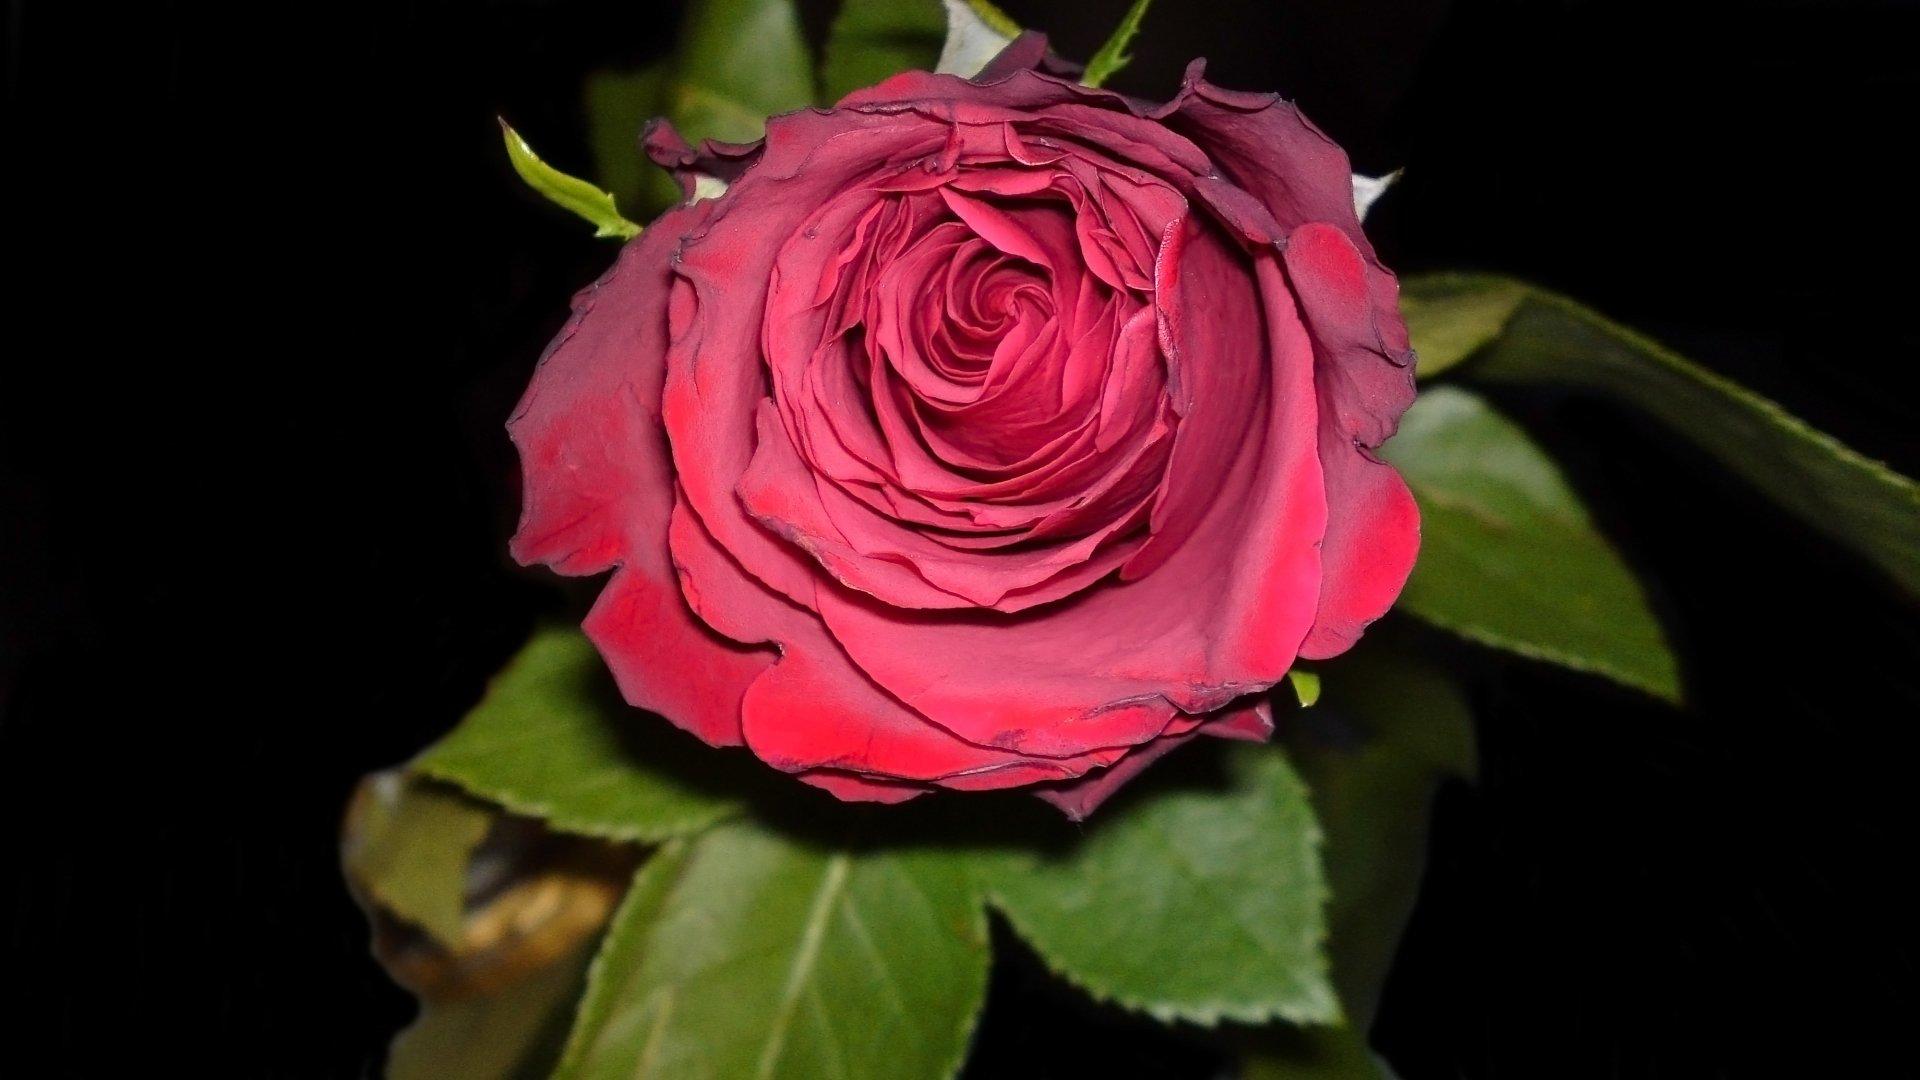 自然 - 玫瑰  色彩 摄影 Pink 黑暗 绿色 叶子 花 红色 艺术 壁纸